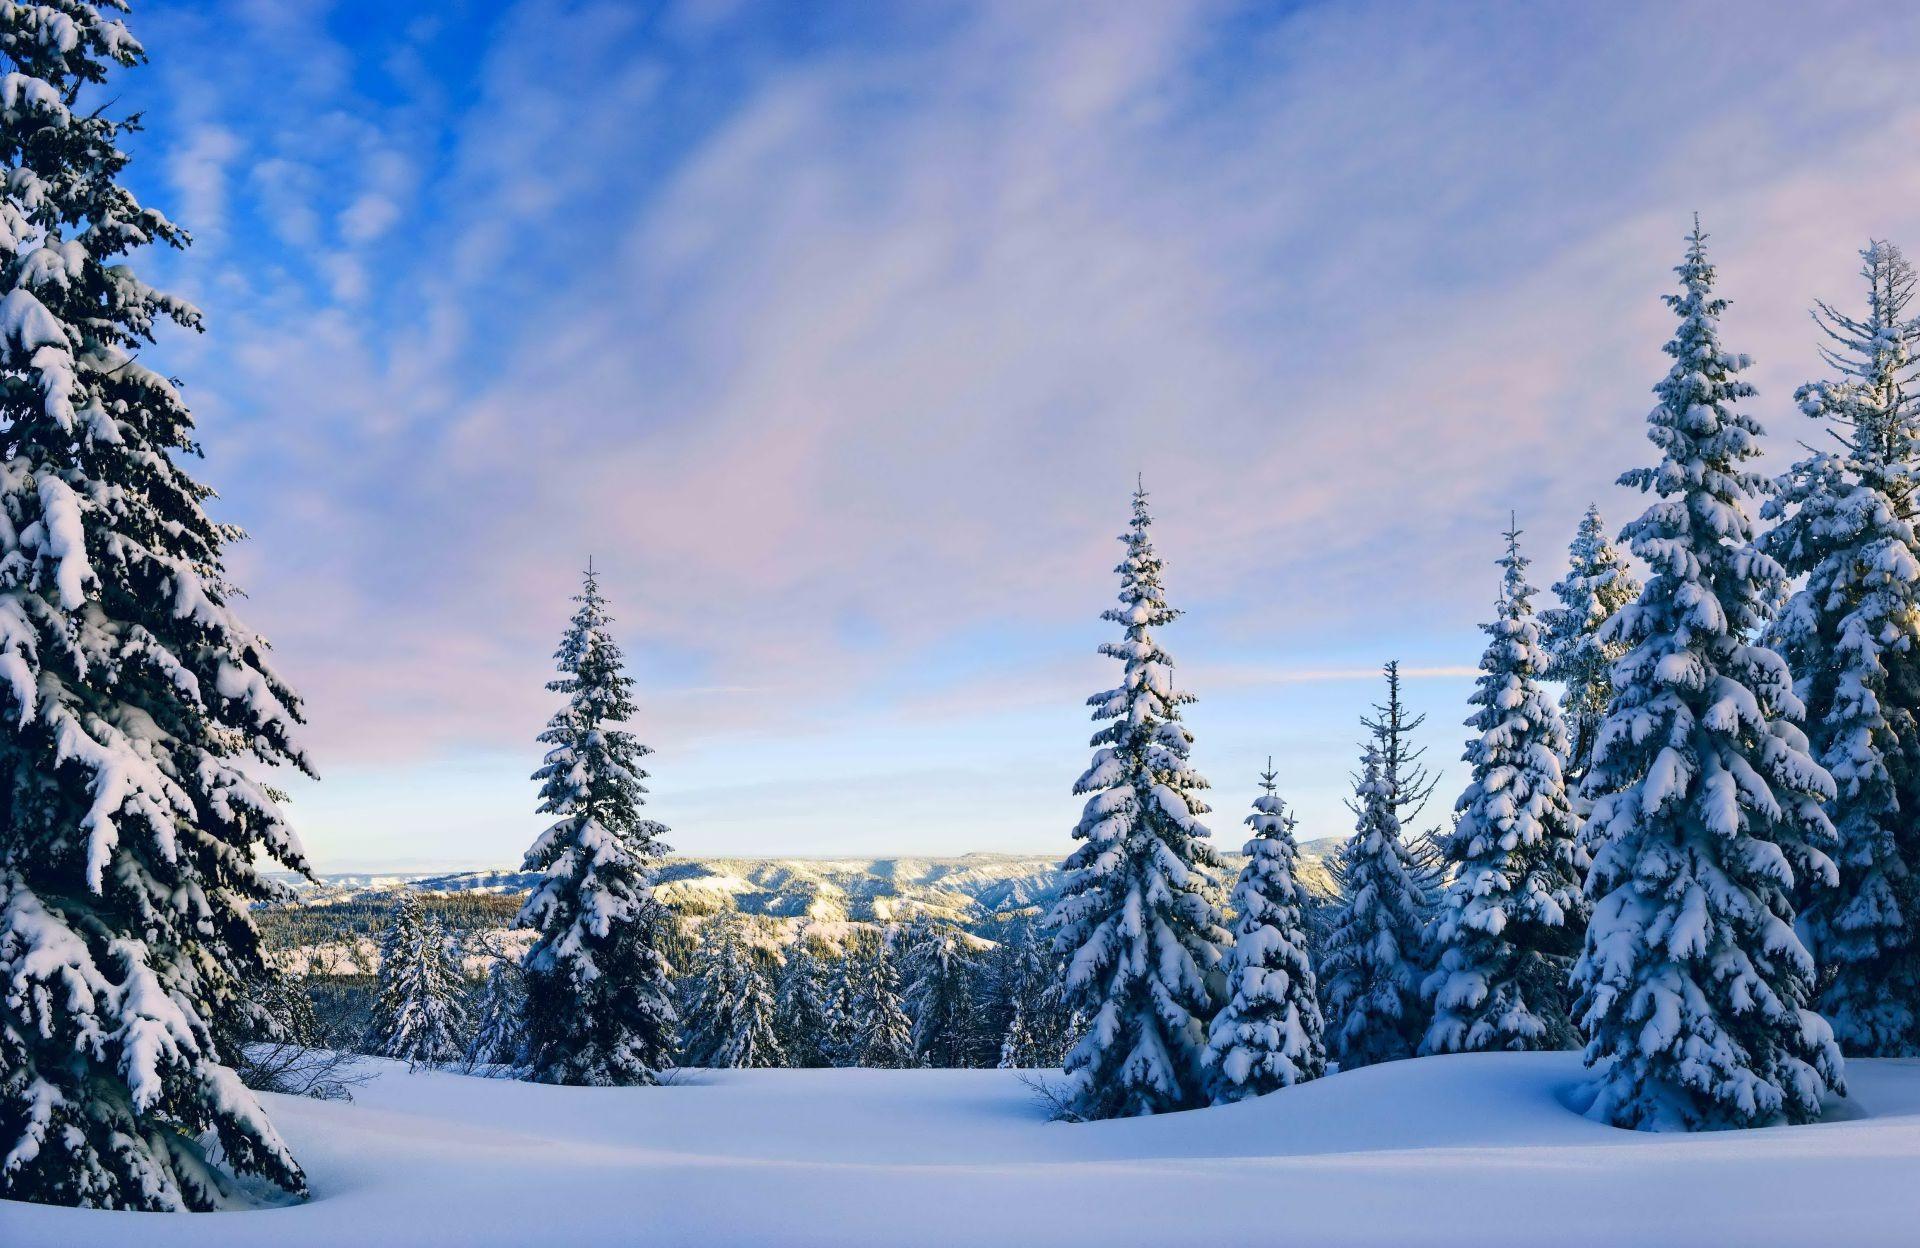 Мужчина картинки, красивый зимний пейзаж картинки в лесу